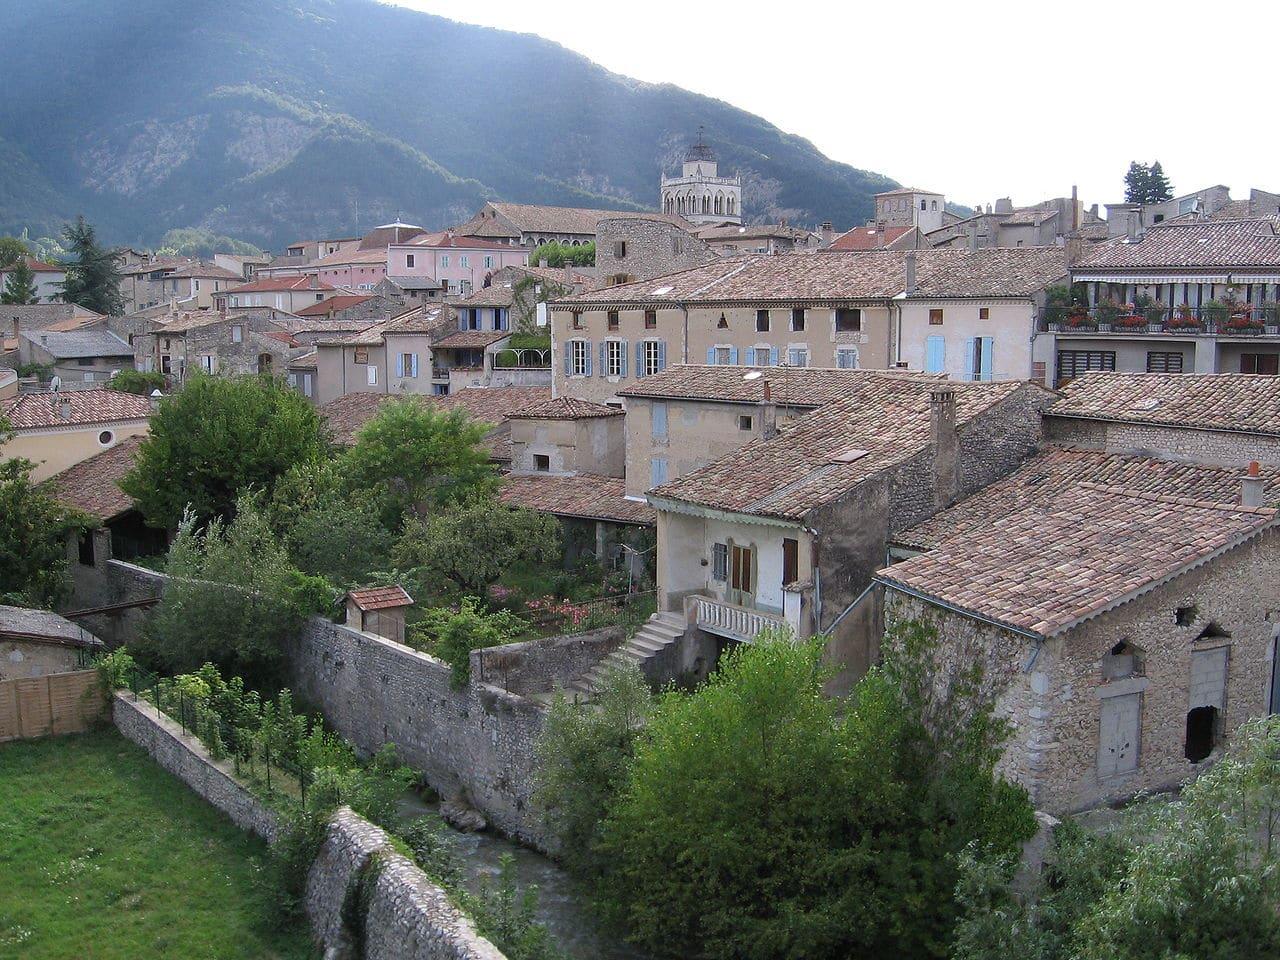 vue du village de Die dans la Drôme